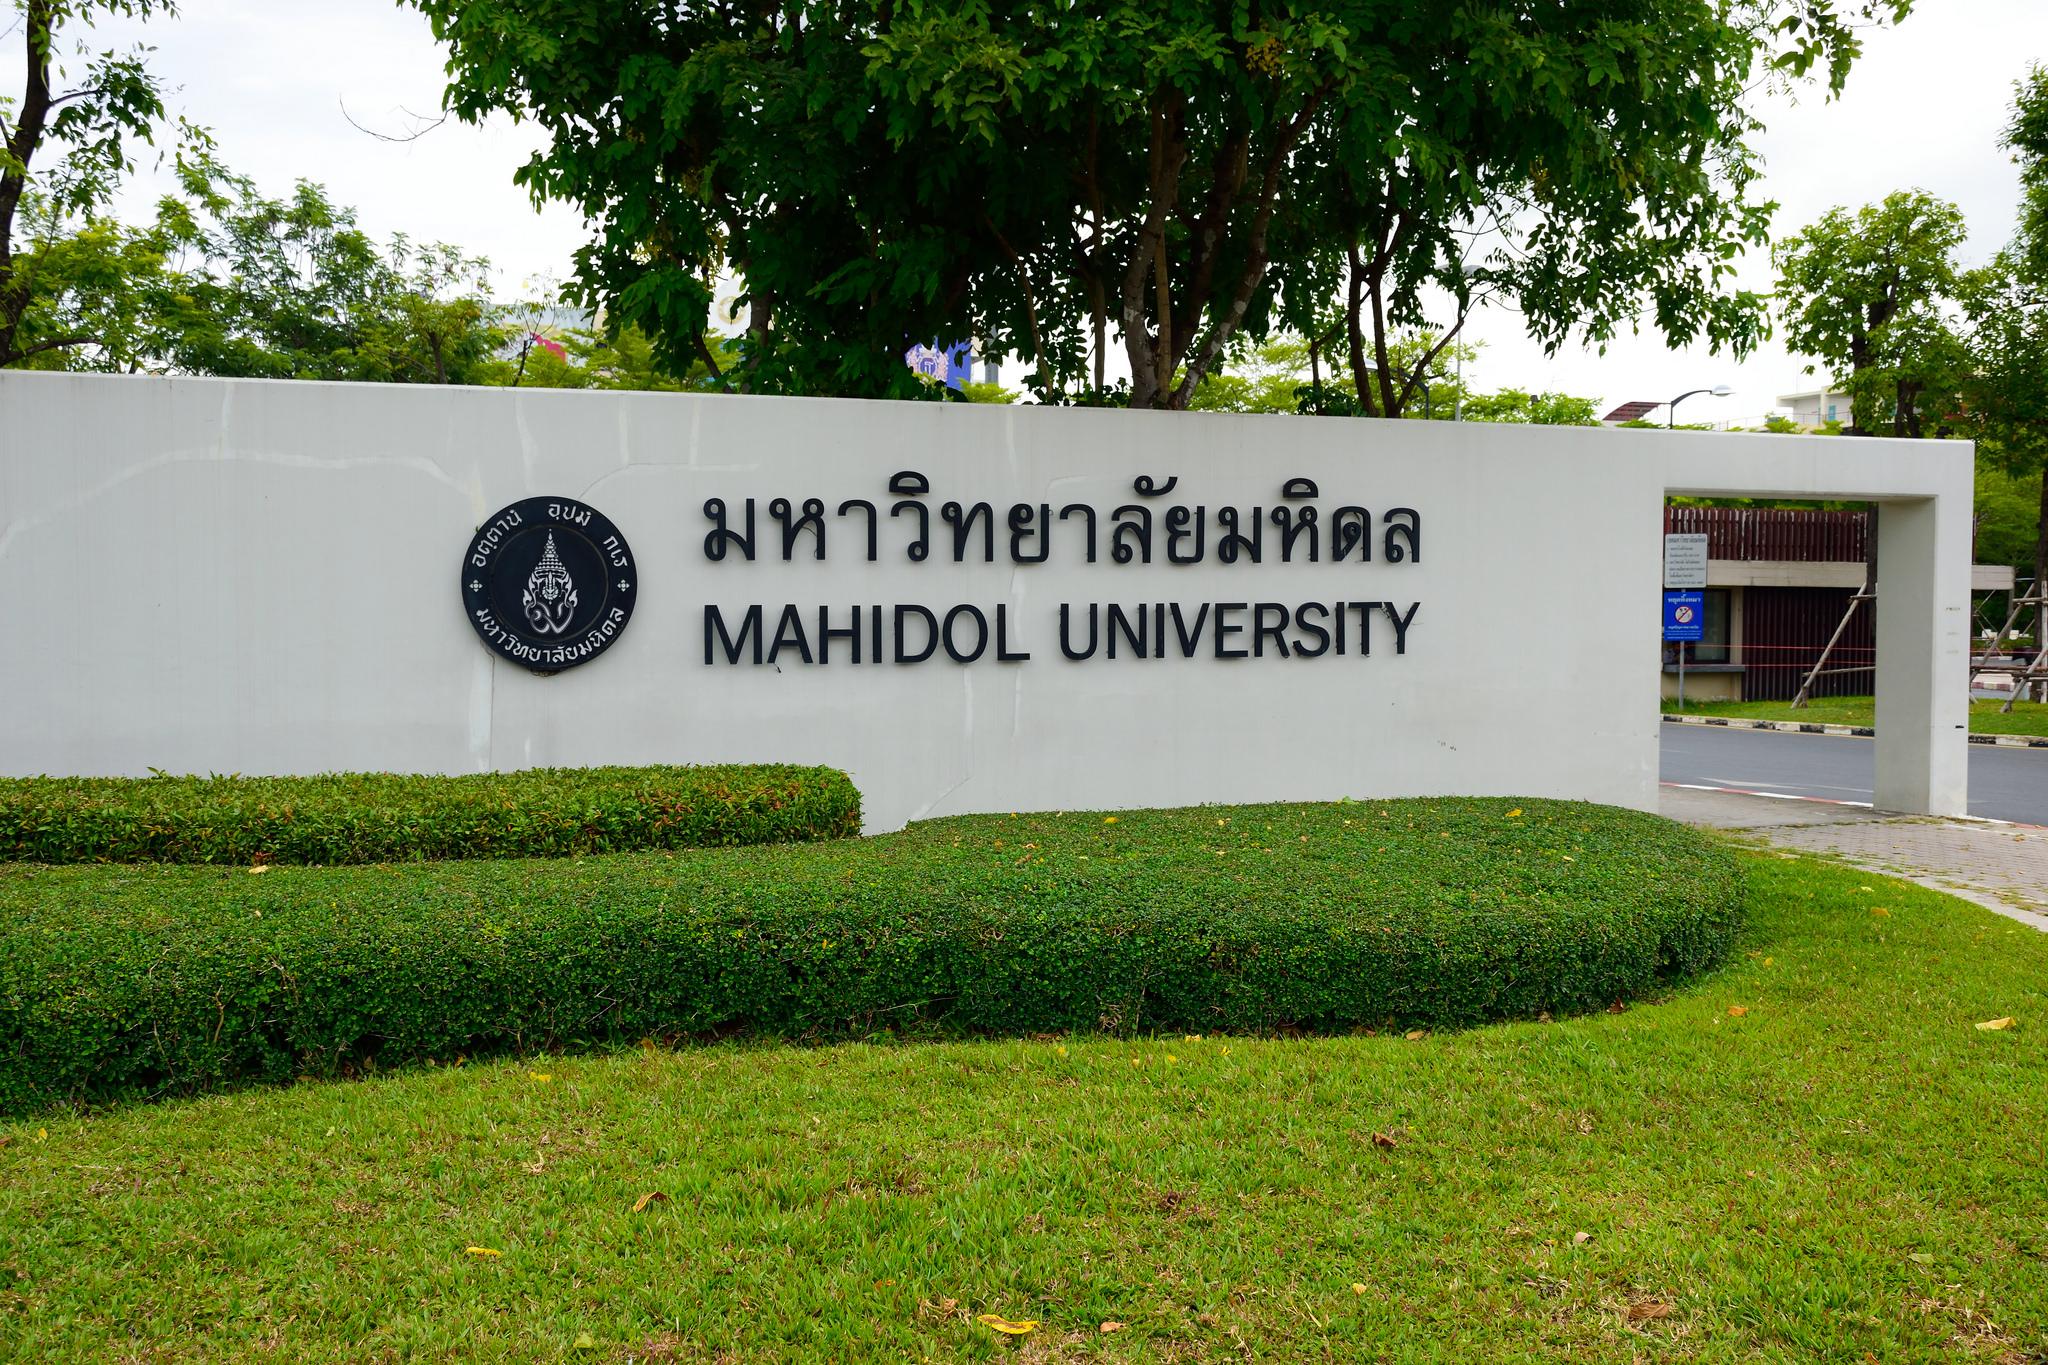 اطلاعات تکمیلی در مورد مشکل برخی از دانشگاههای تایلند با نمره معدل مدارک دانشگاههای ایرانی + راهکار